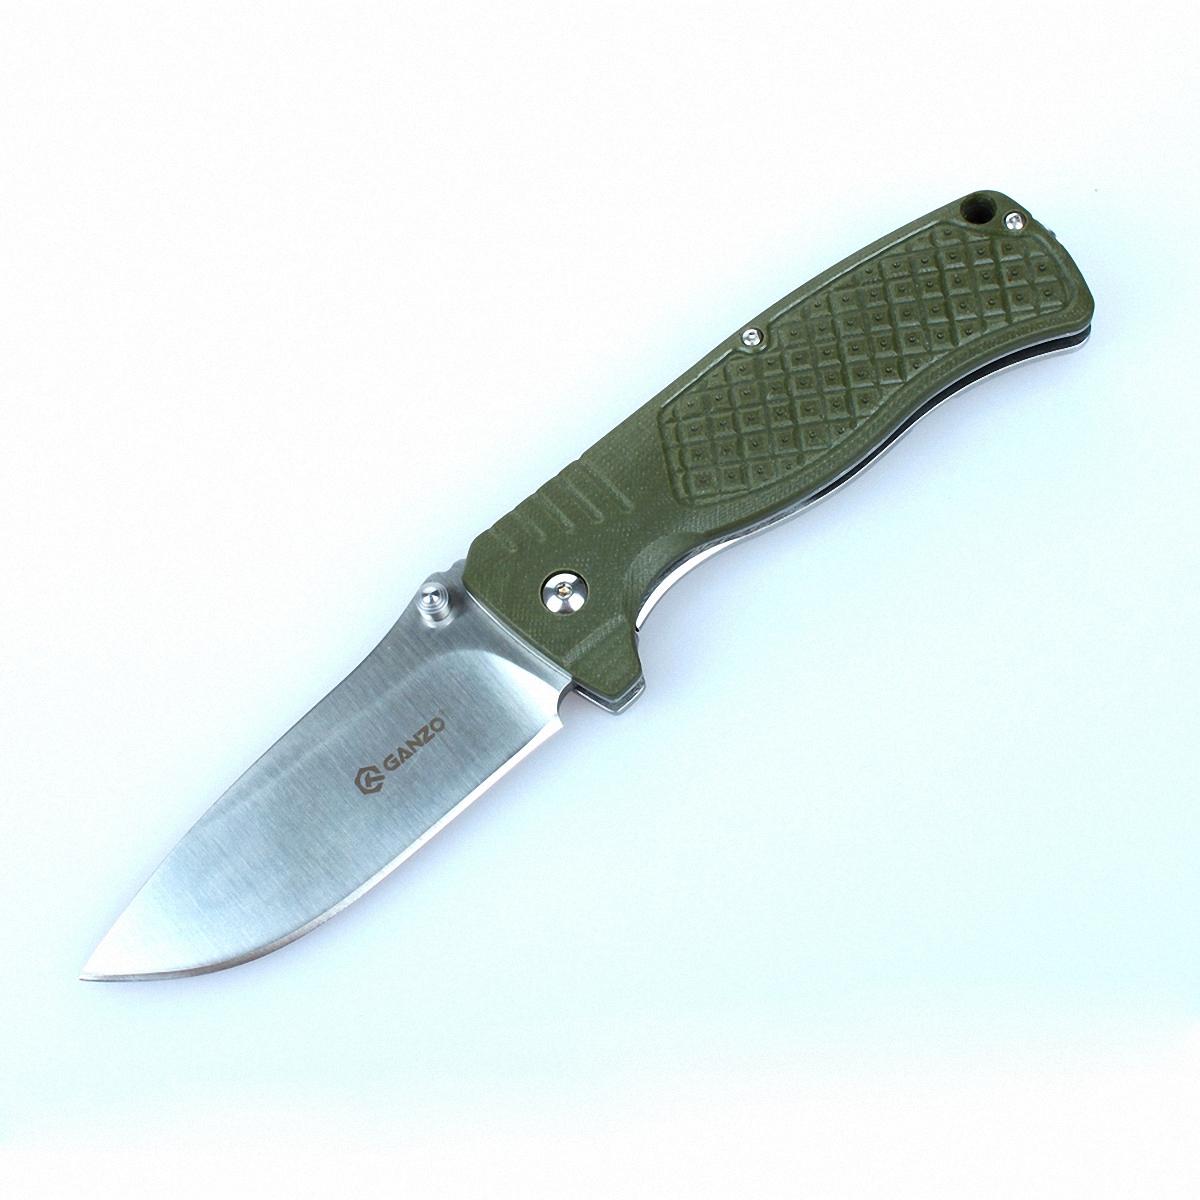 Нож Ganzo G722 зеленыйG722-GRОсновные черты ножа Ganzo 722 — это практичность и надежность. Именно им подчинены все остальные качества этой складной модели. А потому, Ganzo 722 прекрасно подойдет в качестве ножа для использования во время отдыха за городом. Он ни при каких условиях не подведет своего владельца и станет ему верным помощником в выполнении самых разных задач, возникающих на рыбалке, на охоте, в туристическом походе и т.д. Лезвие ножа Ganzo 722 сделано из прочной стали 440С. Ее твердость по шкале Роквелла составляет 58 единиц. Это качество говорит о том, что сталь довольно долго держит заточку, а это немаловажно, если вы не берете с собою на природу точилку. Длина клинка составляет 9 см, а его толщина со стороны обуха — 0,4 см. Хотя любой нож рекомендуется хранить сухим и чистым, эта модель не заржавеет после выезда на рыбалку или длительного использования в условиях сырости, ведь клинок сделан из нержавейки. Рукоятка ножа также частично выполнена из металла. Другим же материалом для ее...